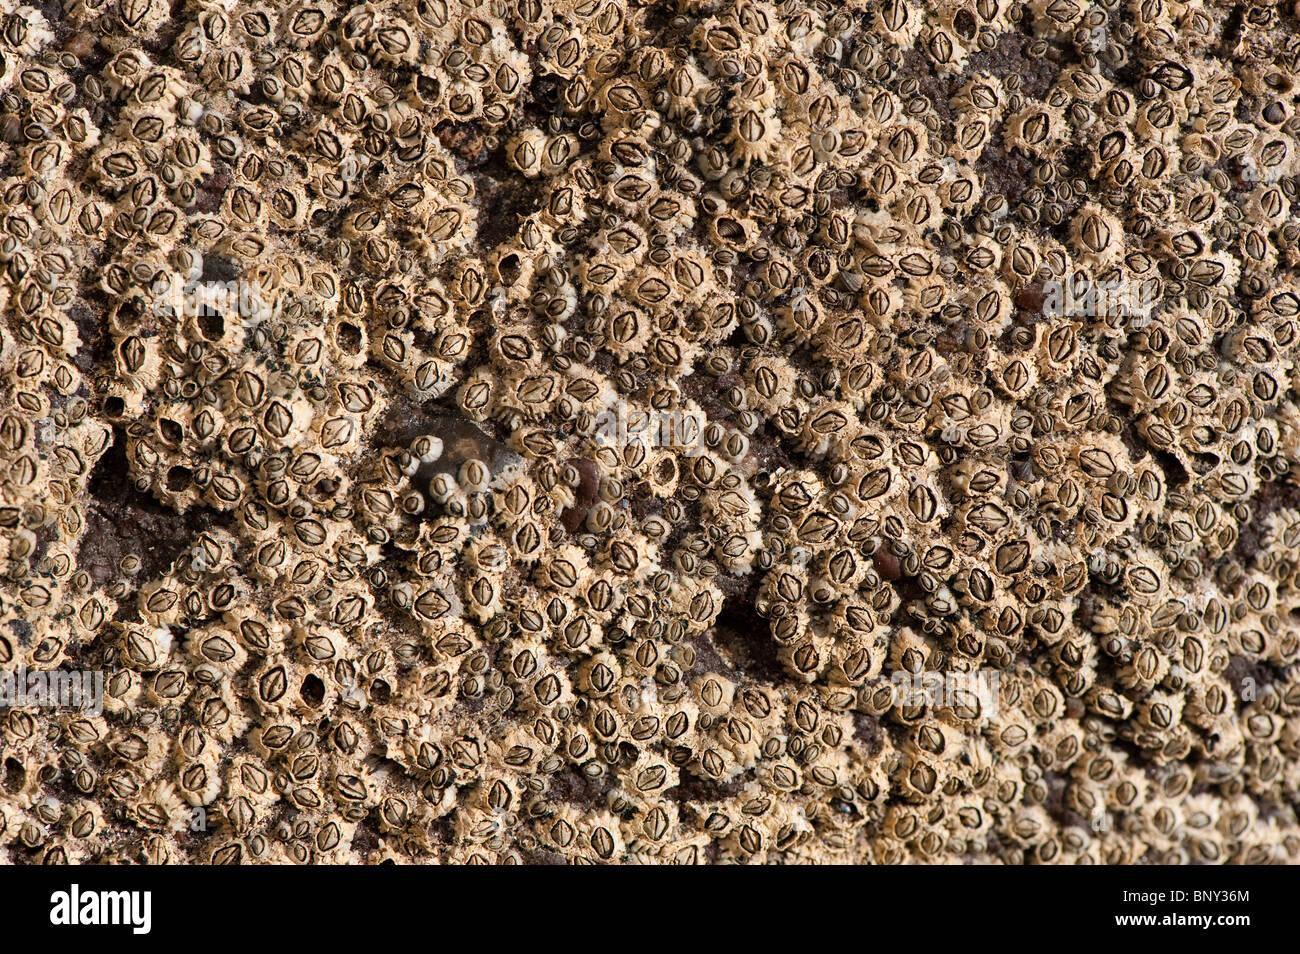 Acorn percebes en roca en la marea baja. (Semibalanus balanoides) Foto de stock